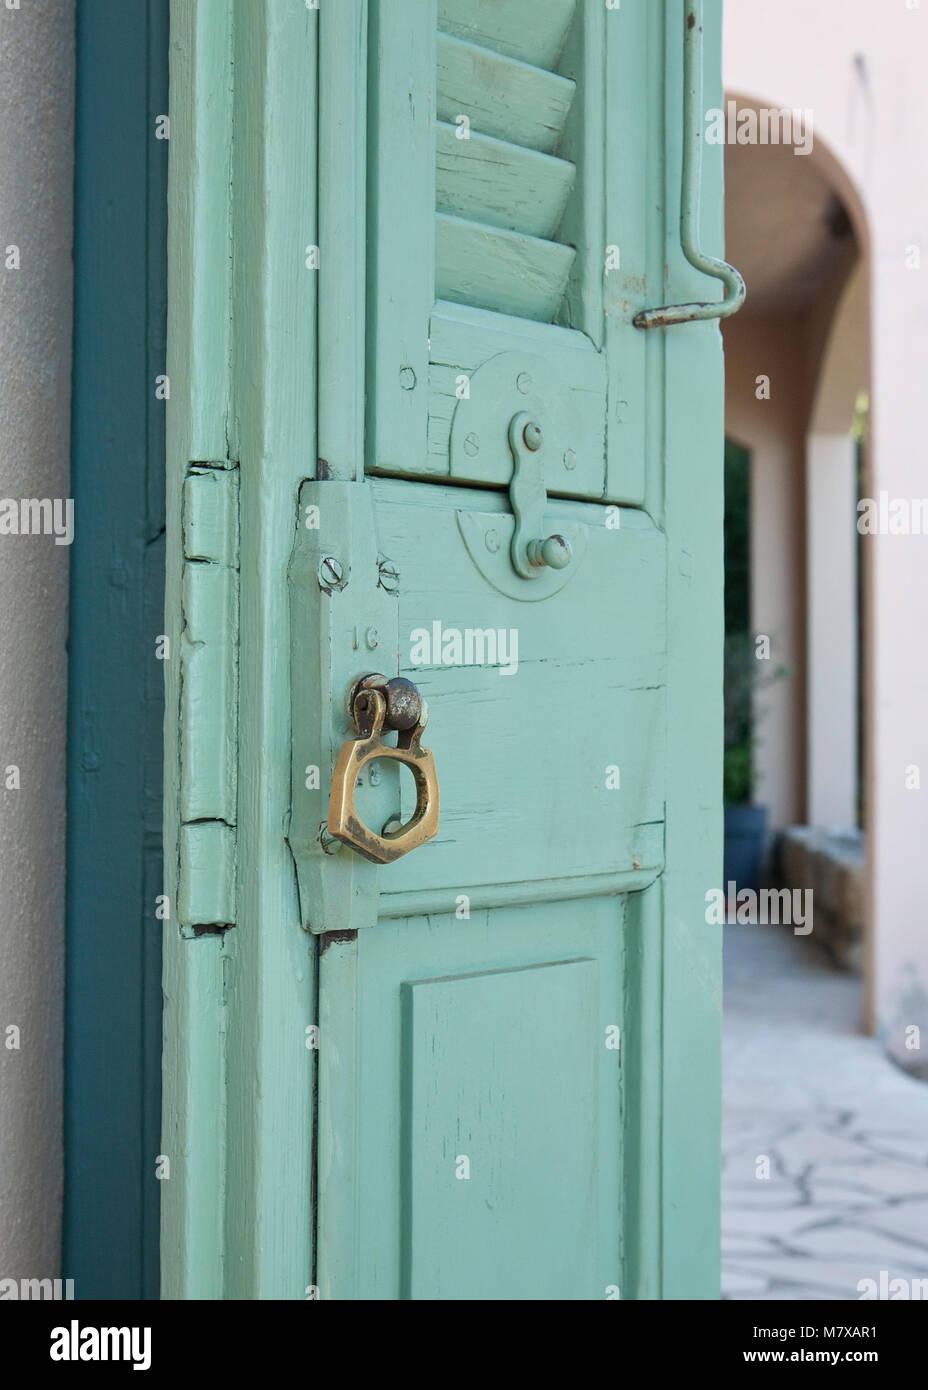 Behind The Green Door Stock Photos Amp Behind The Green Door